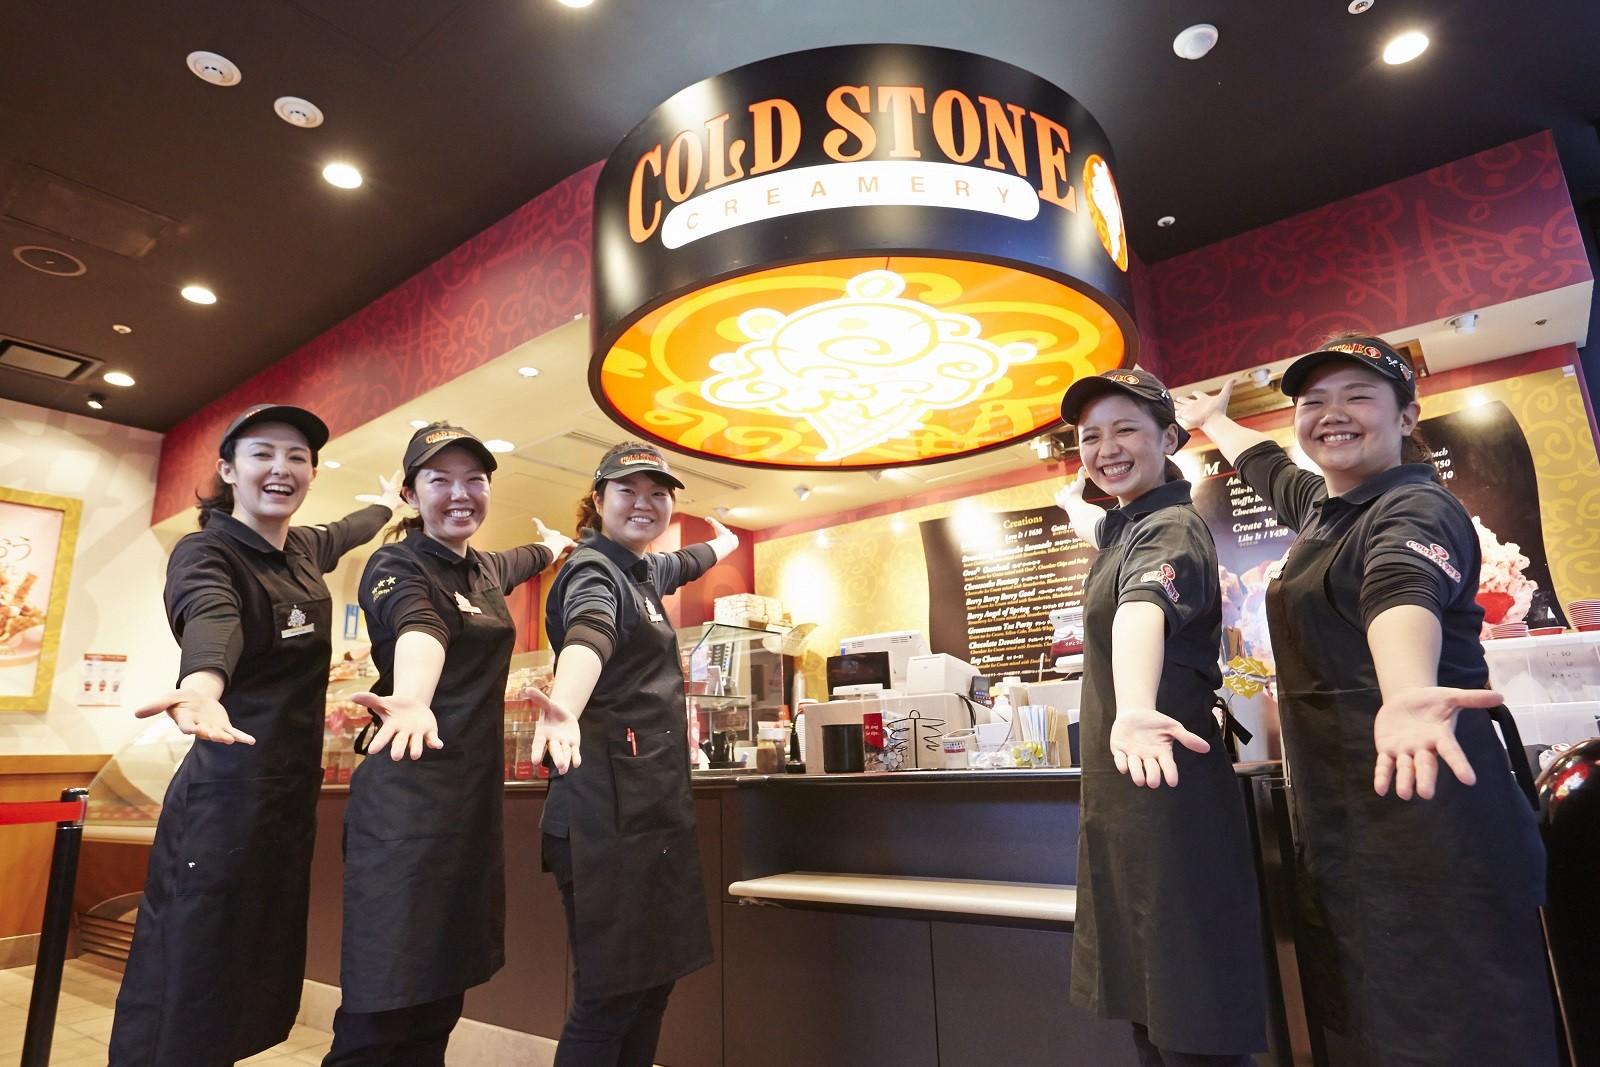 COLD STONE CREAMERY(コールドストーンクリーマリー) 博多マルイ店のアルバイト情報